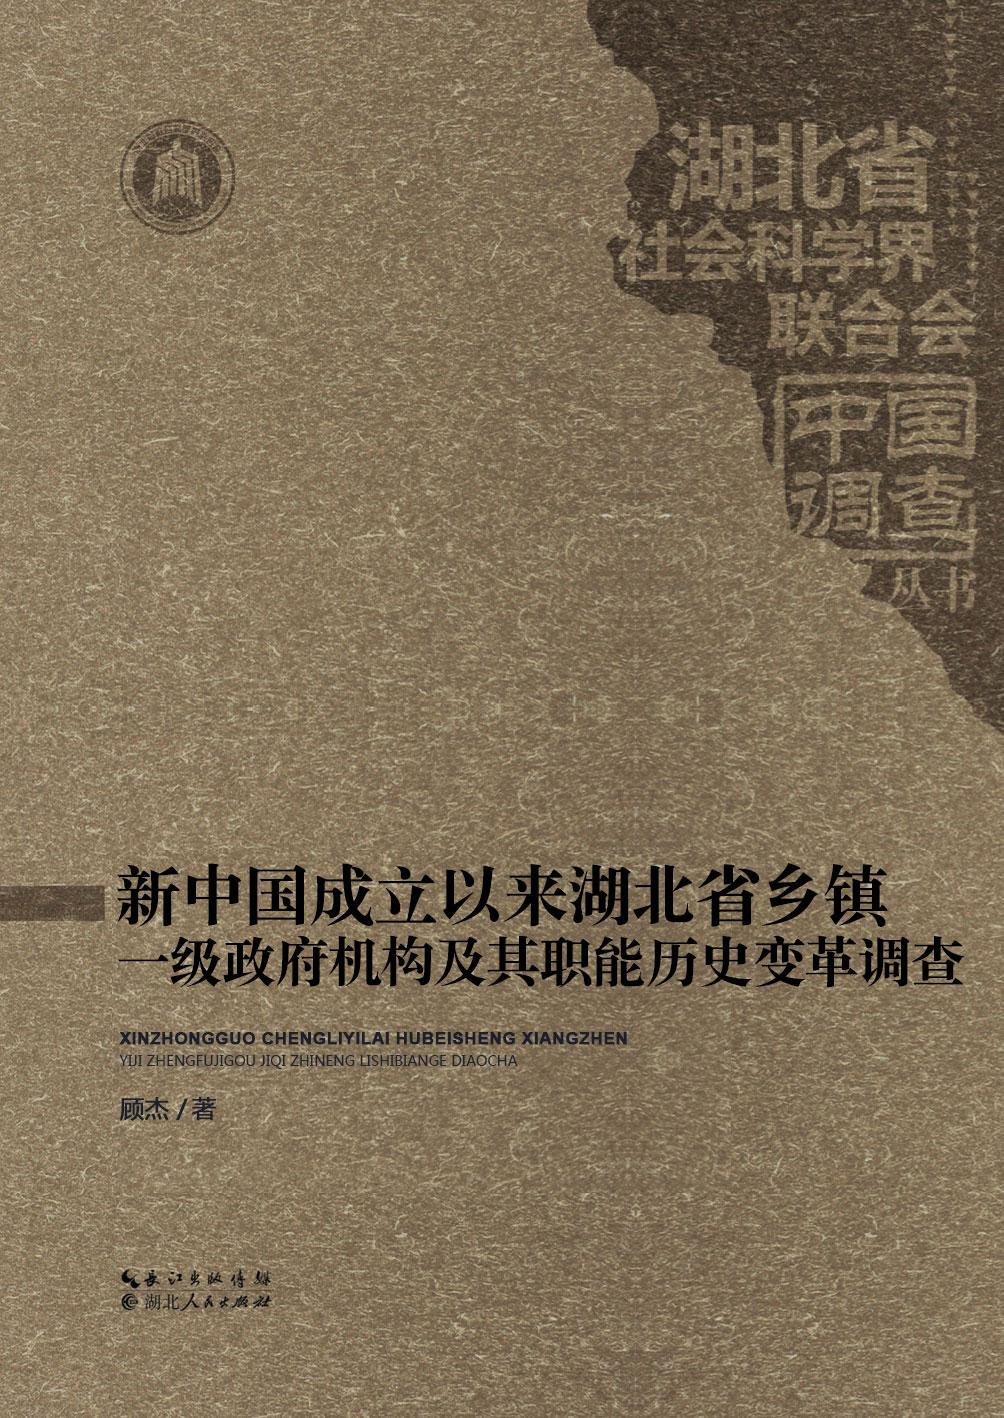 新中国成立以来湖北省乡镇一级政府机构及其职能历史变革调查